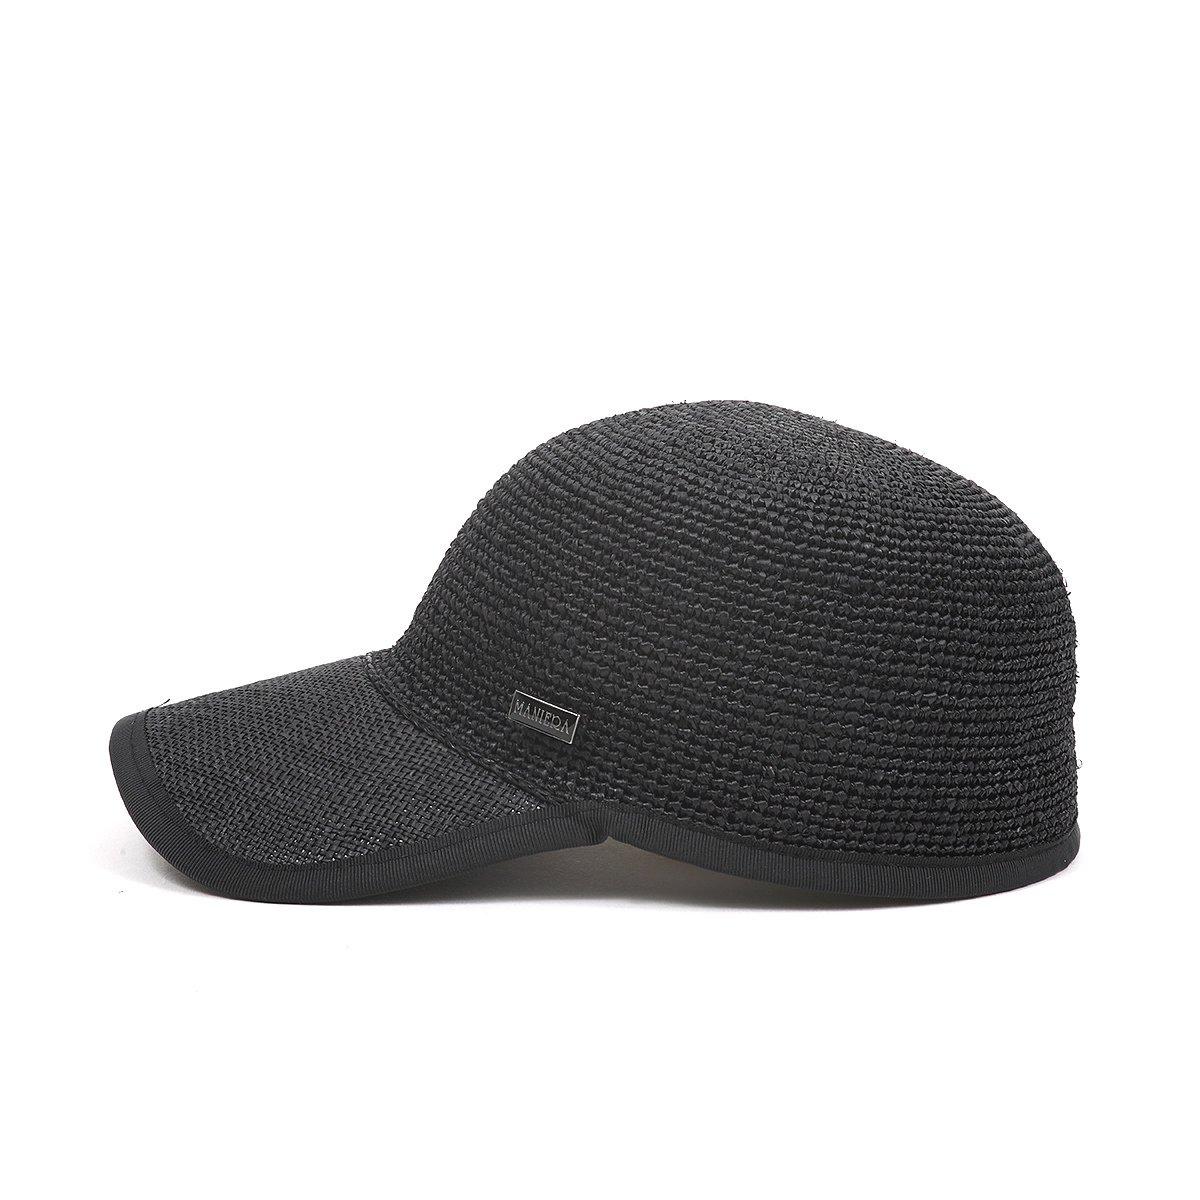 RAFIA CAP 詳細画像2